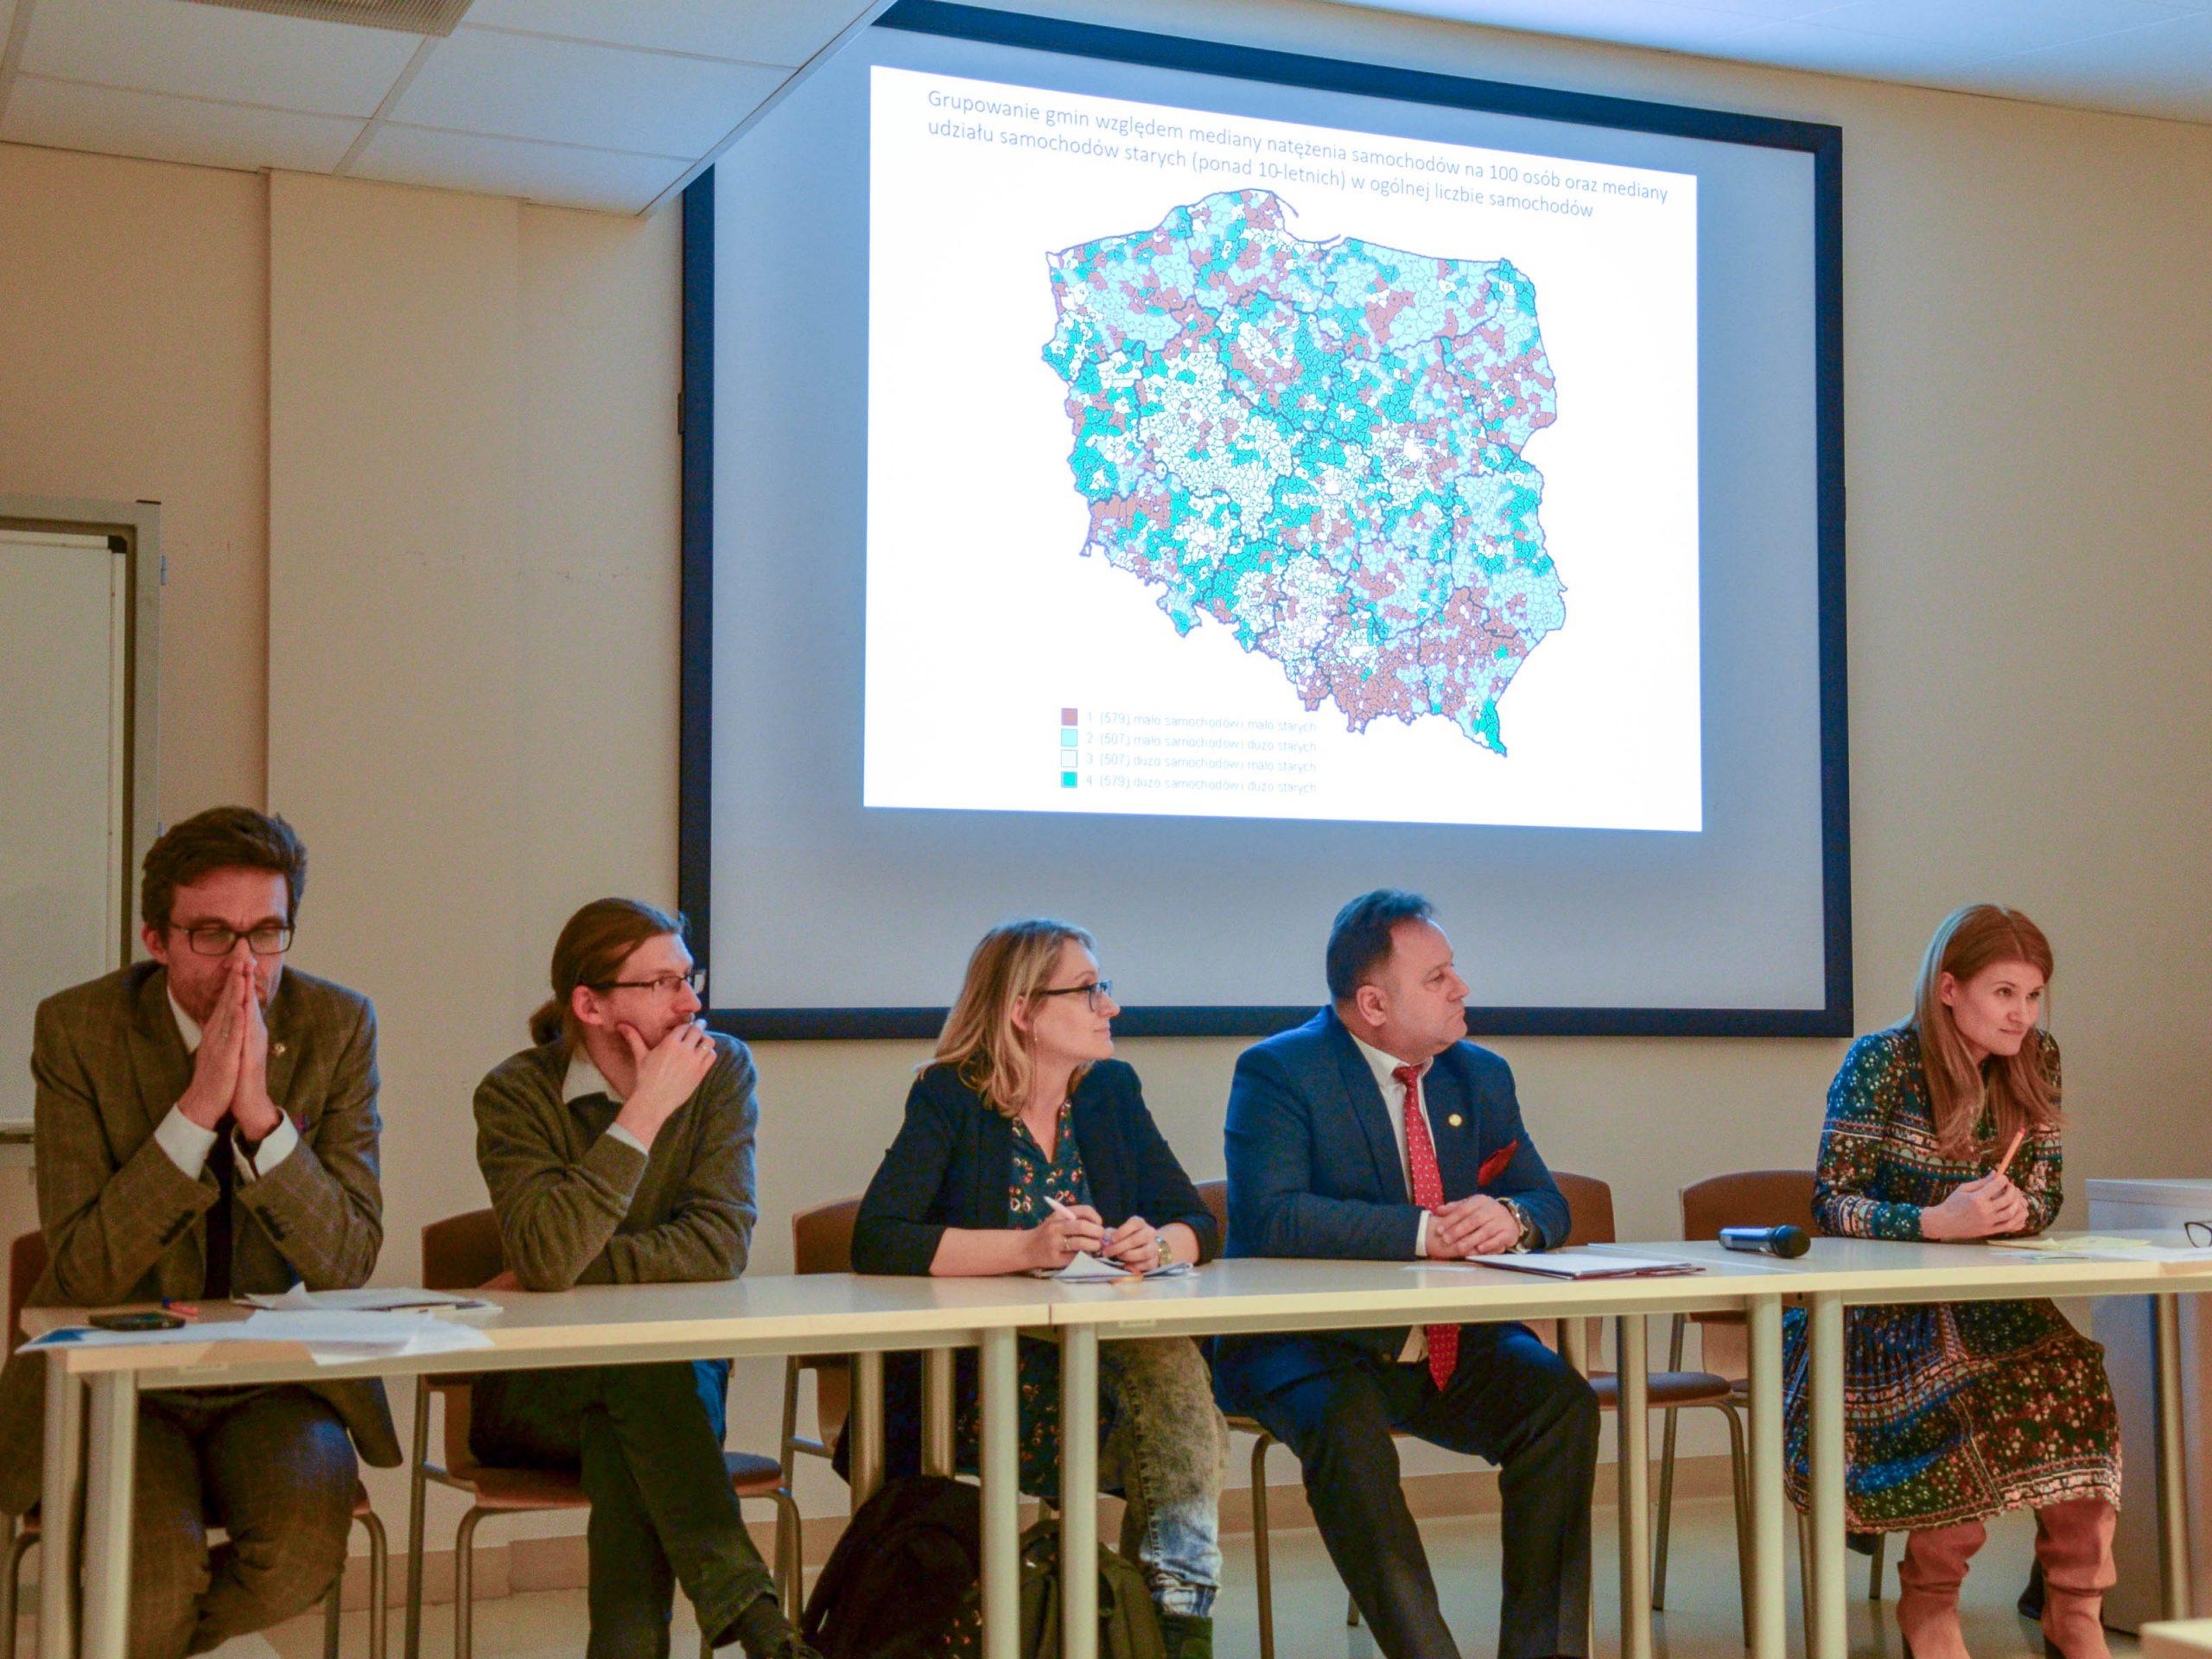 Uczestnicy debaty: siedzą odprawej, prof.Monika Stanny,, starosta lipnowski Krzysztof Baranowski, Olga Gitkiewicz, Bartosz Jakubowski, Rafał Górski